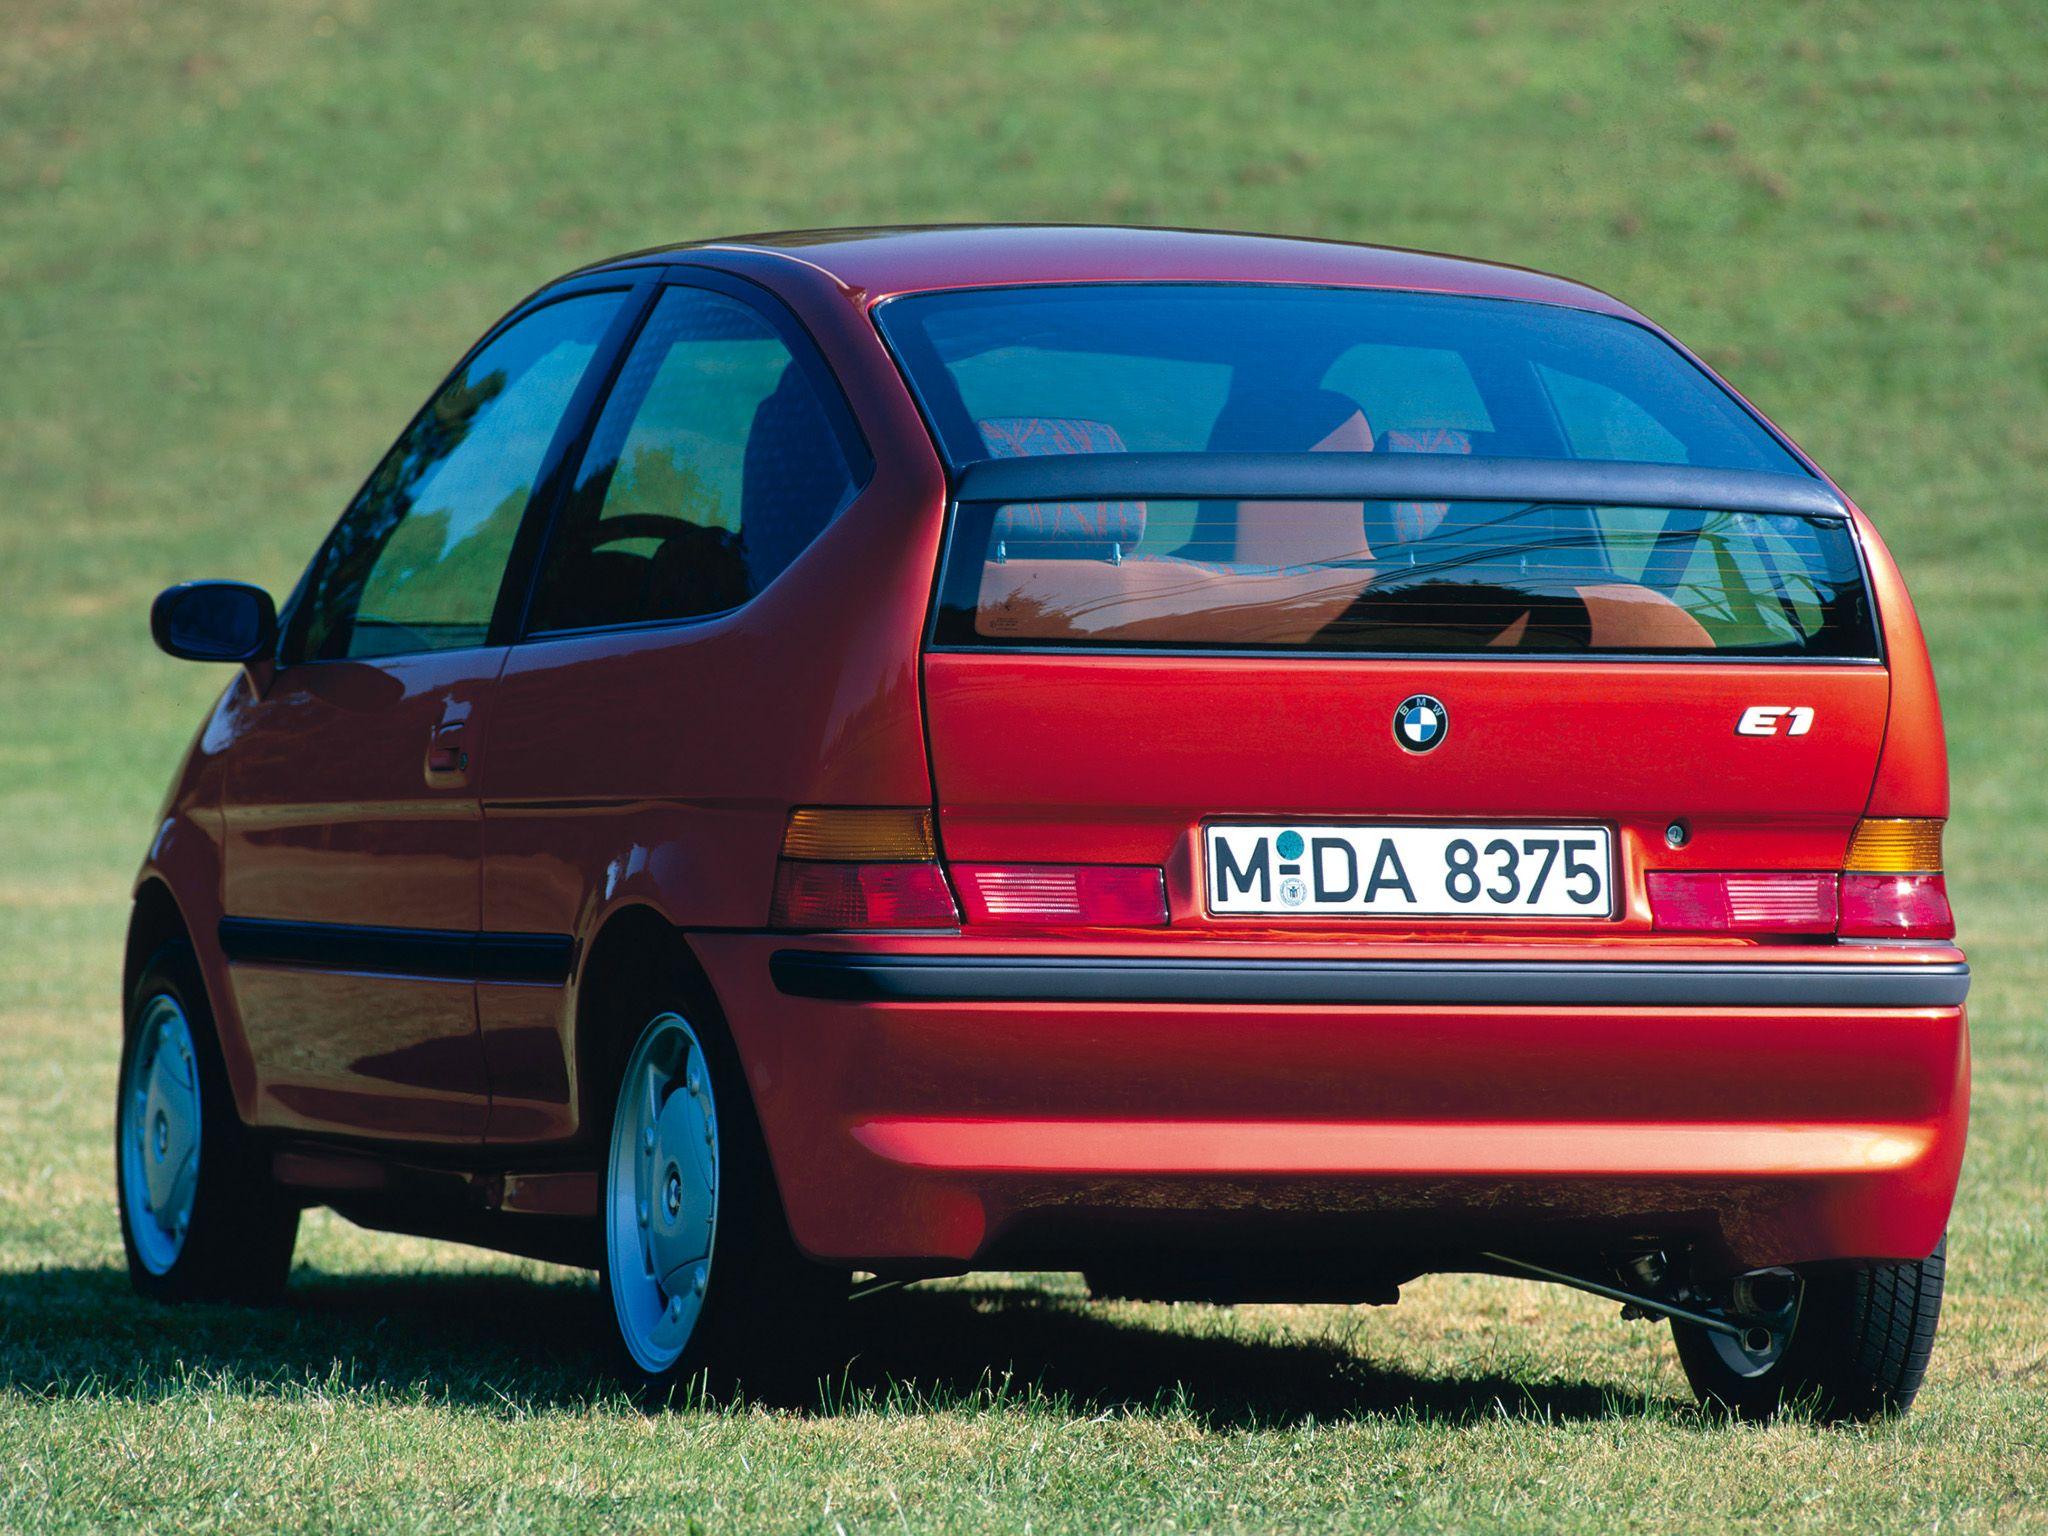 1991 BMW Z11 (E1) Concept | Mentalität | Pinterest | BMW, Auto ...